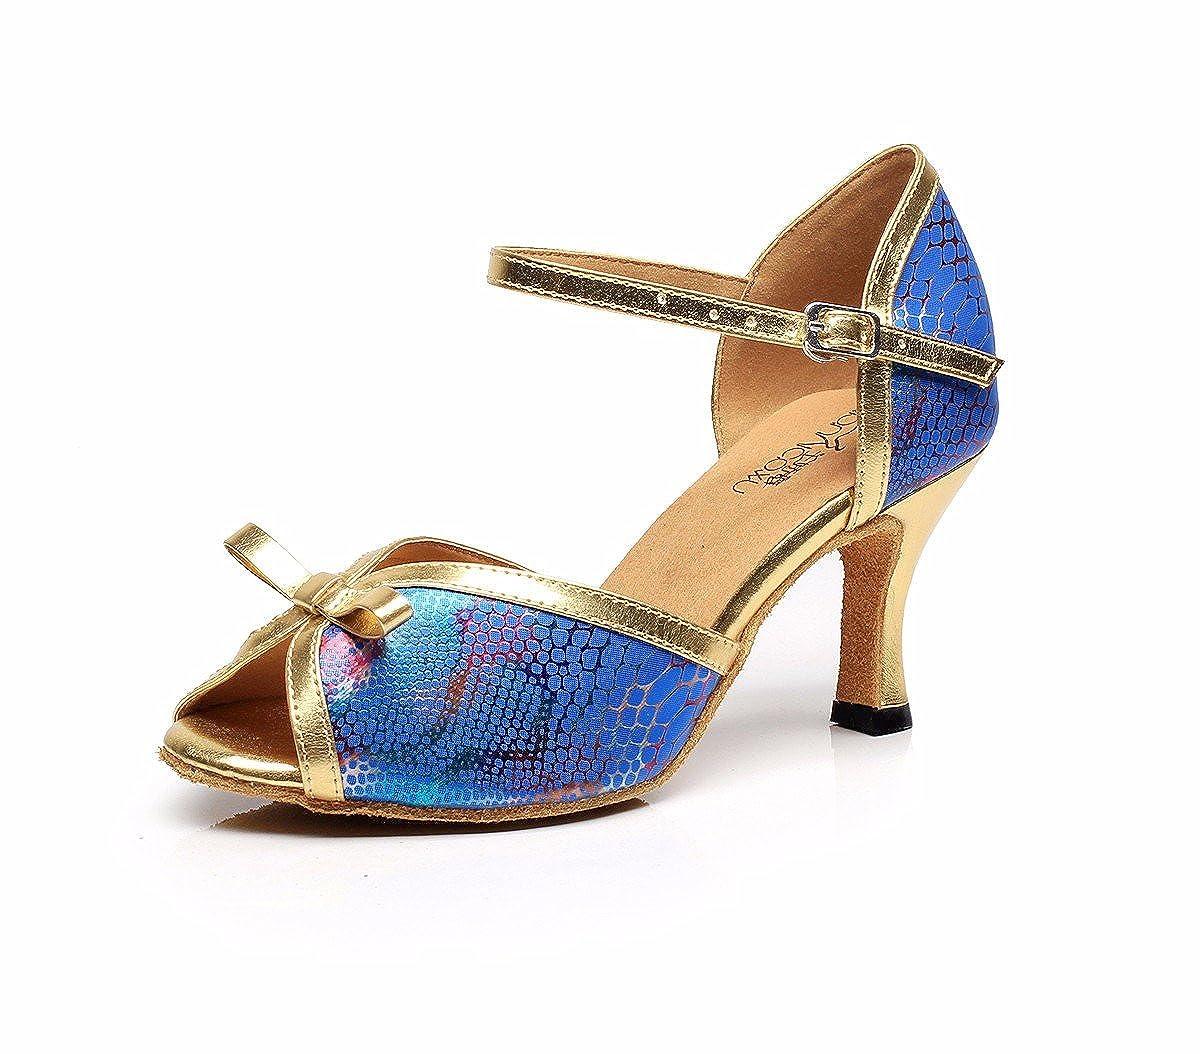 Bleu JINGXINSTORELes chaussures de danse salsa latine Muster Serpent intérieur professionnel sandales 37 EU